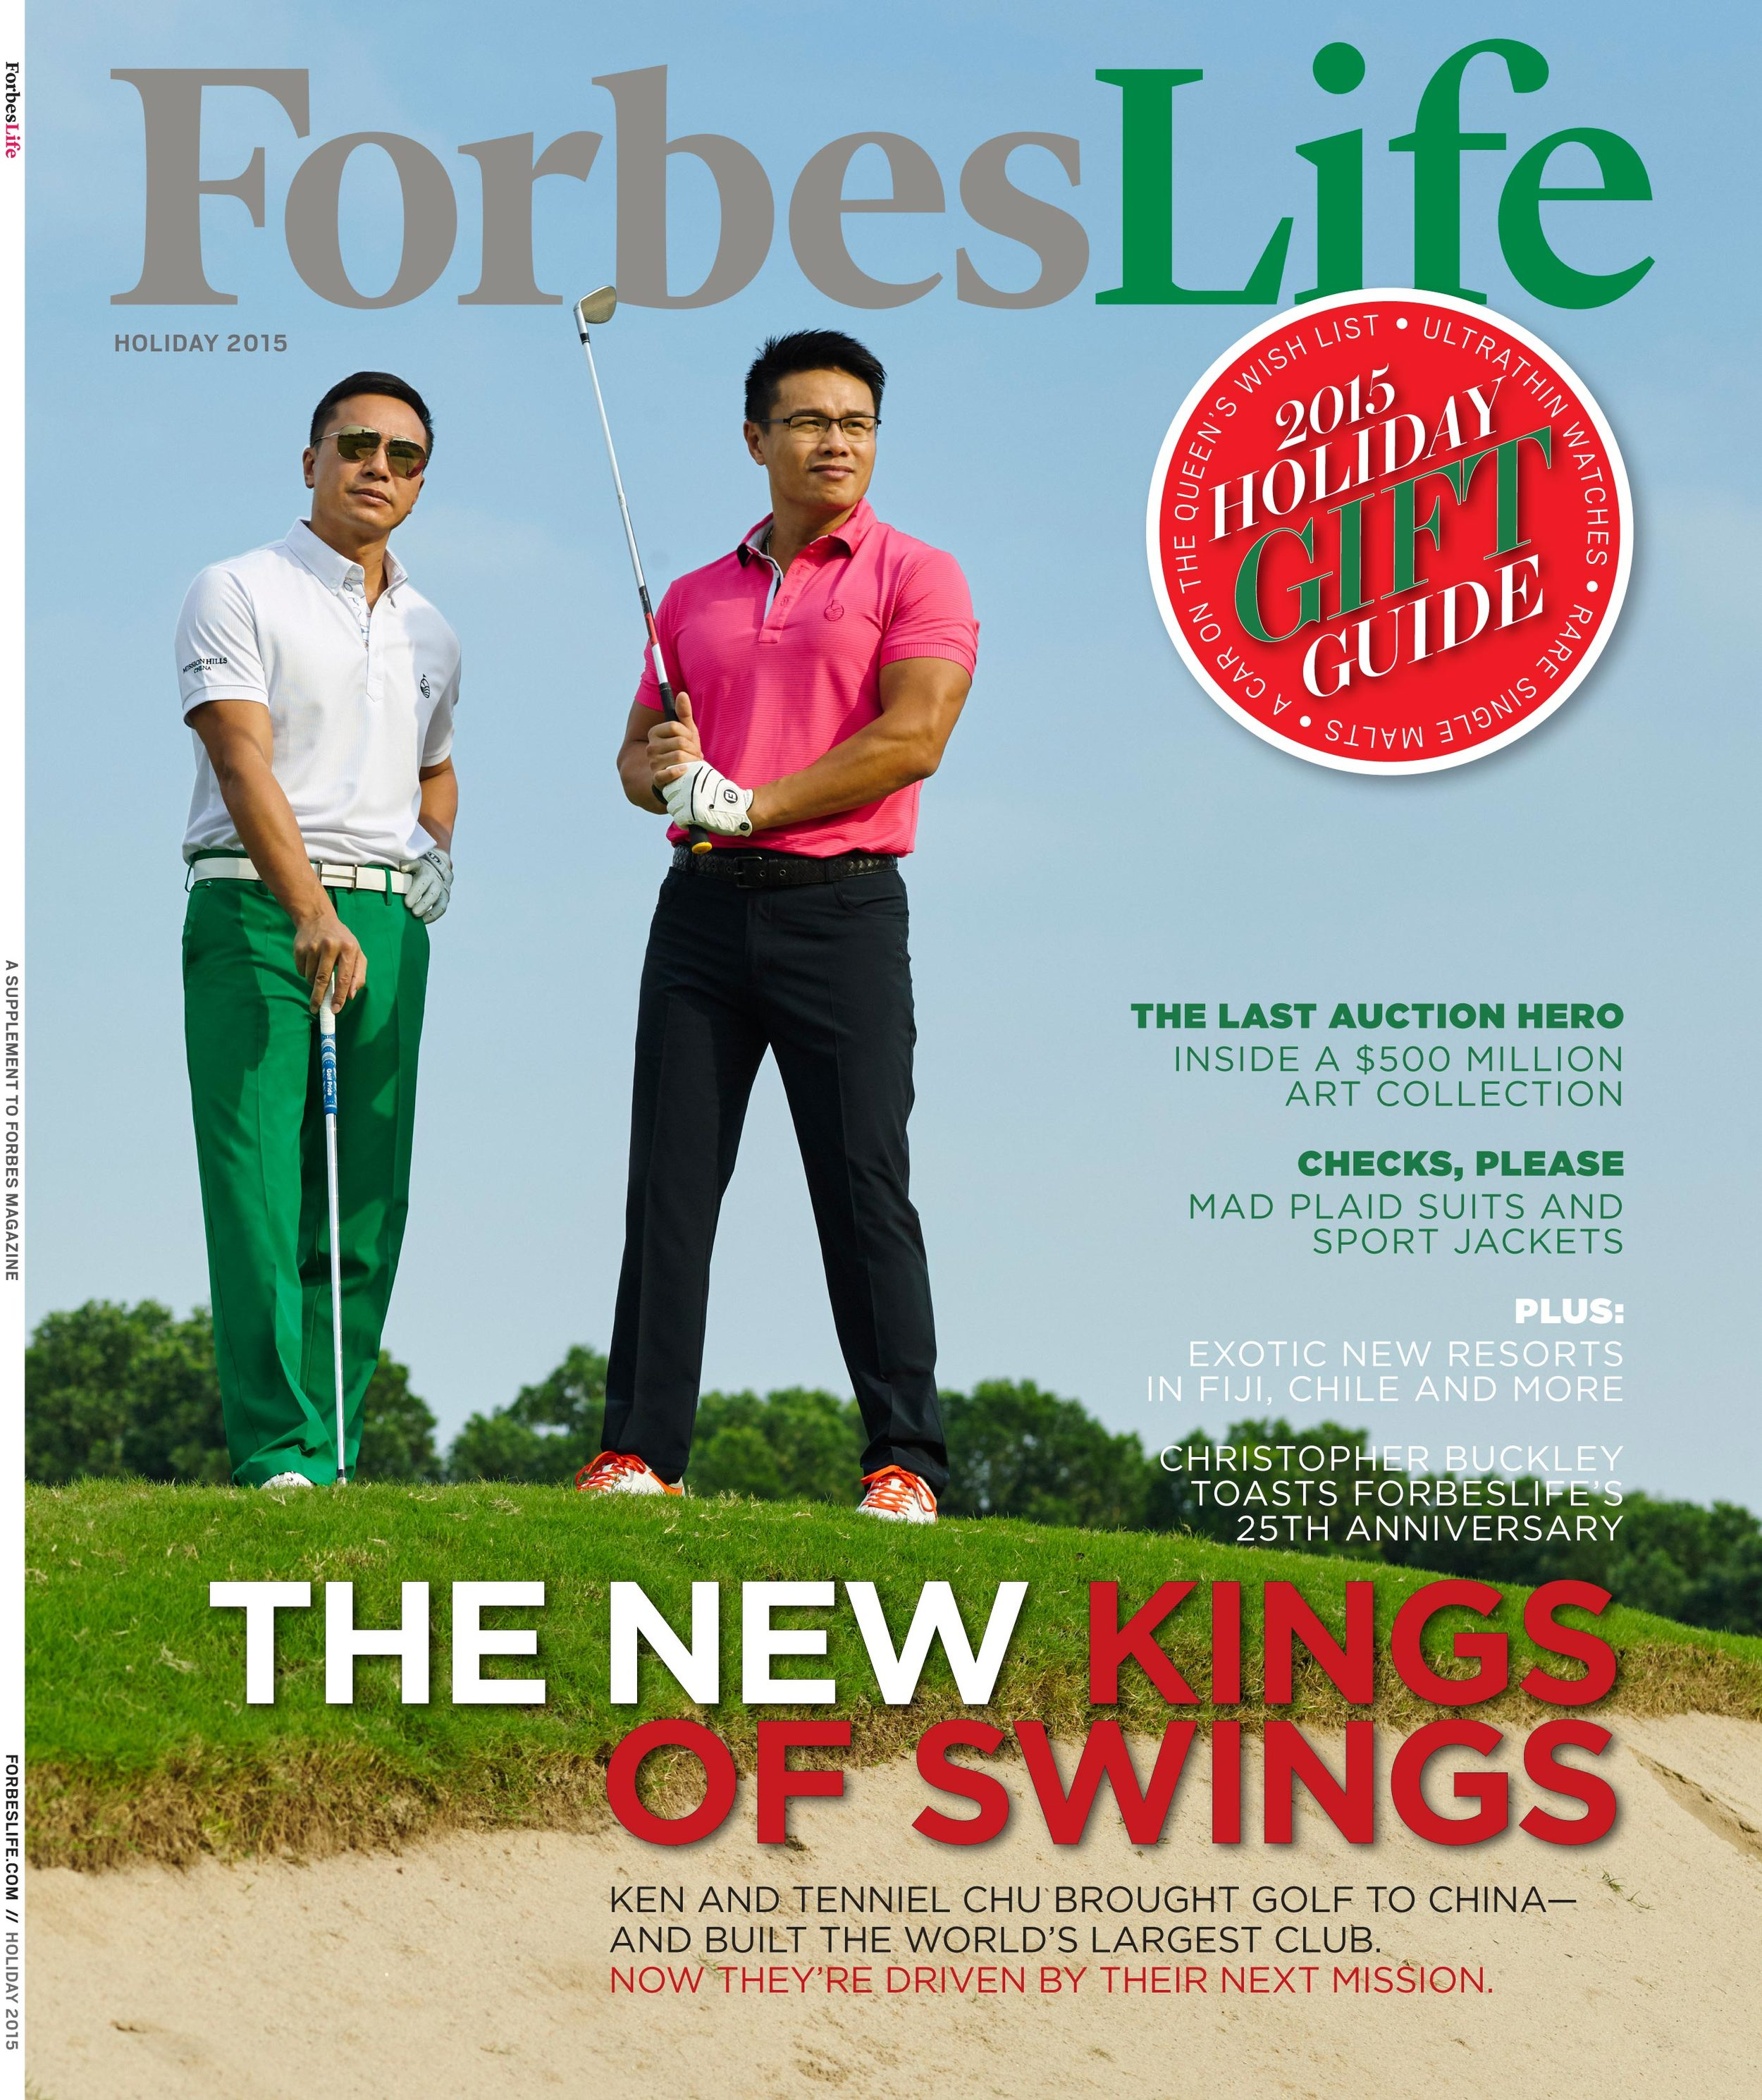 ForbesLife_November_2015_Cover